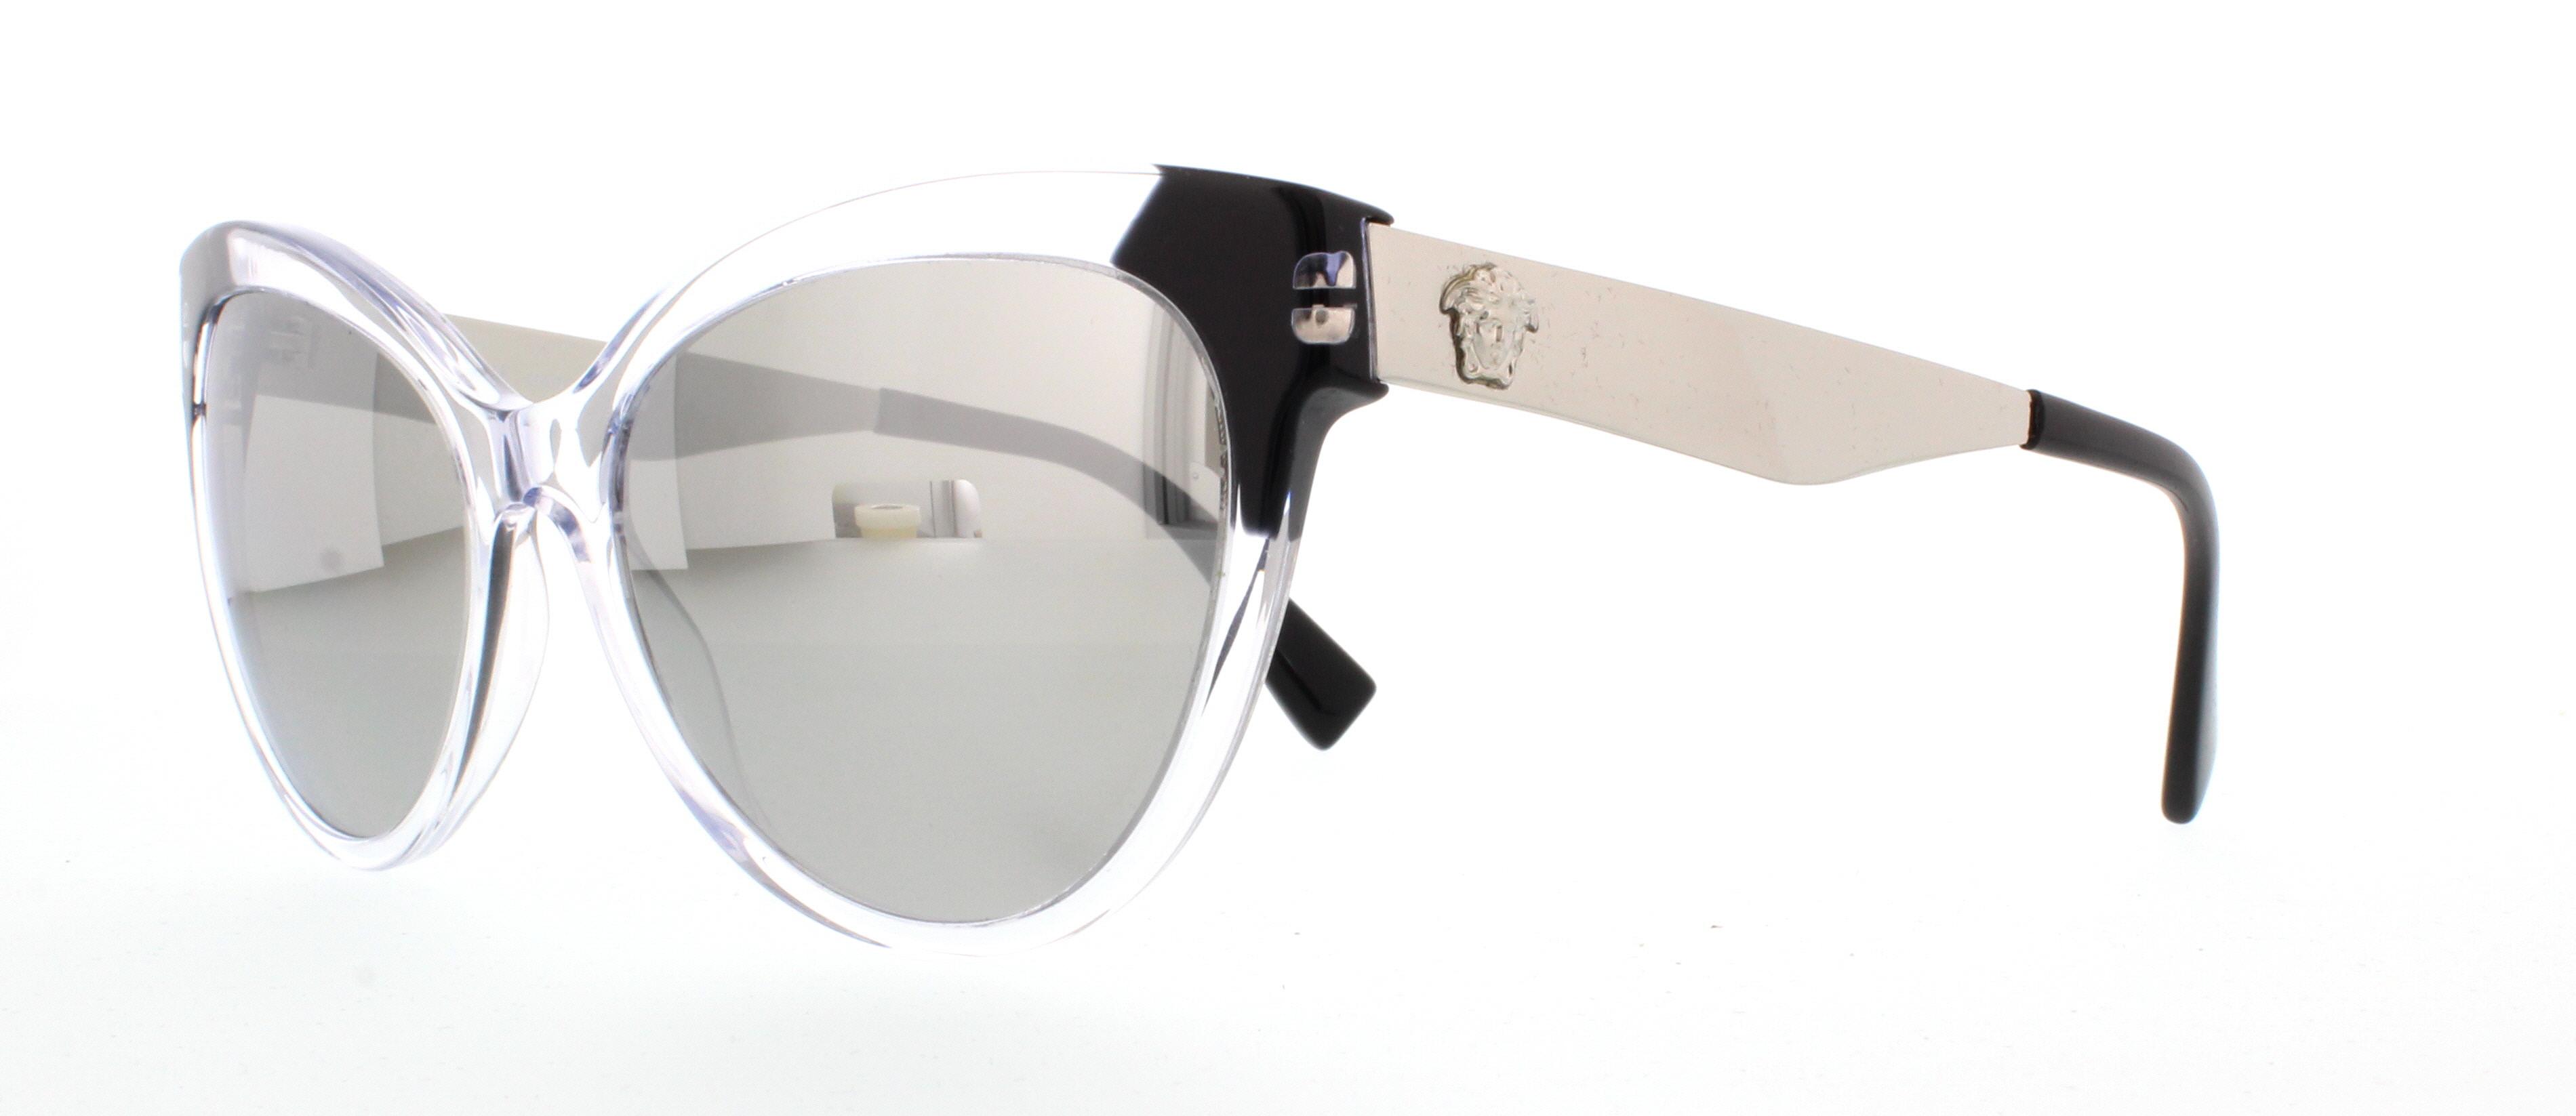 31673ebf52771 Designer Frames Outlet. Versace VE4338